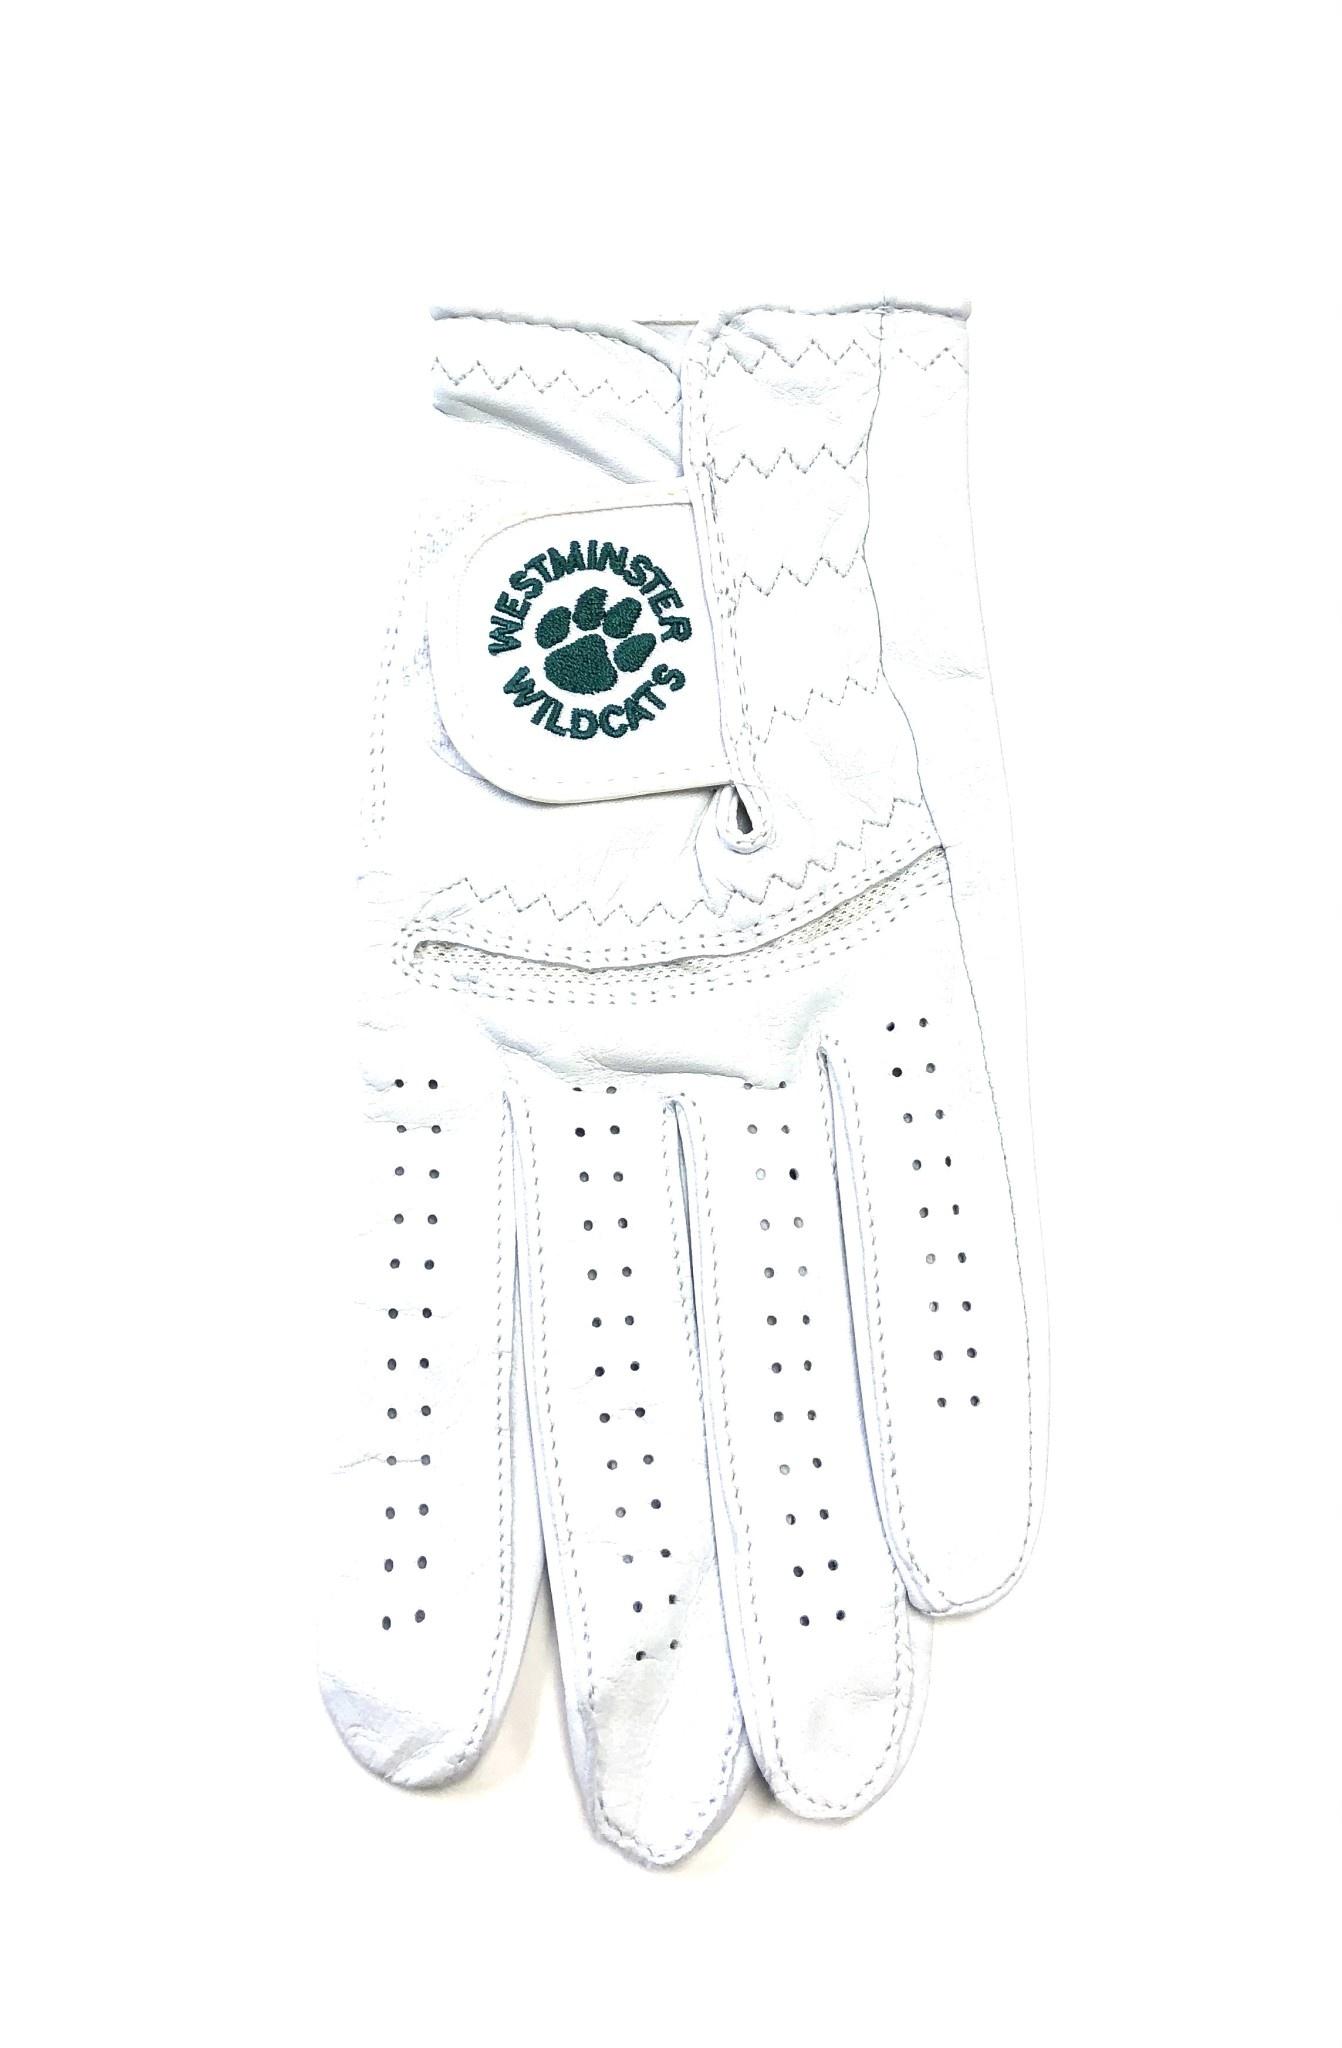 Footjoy Footjoy gloves - XL Left